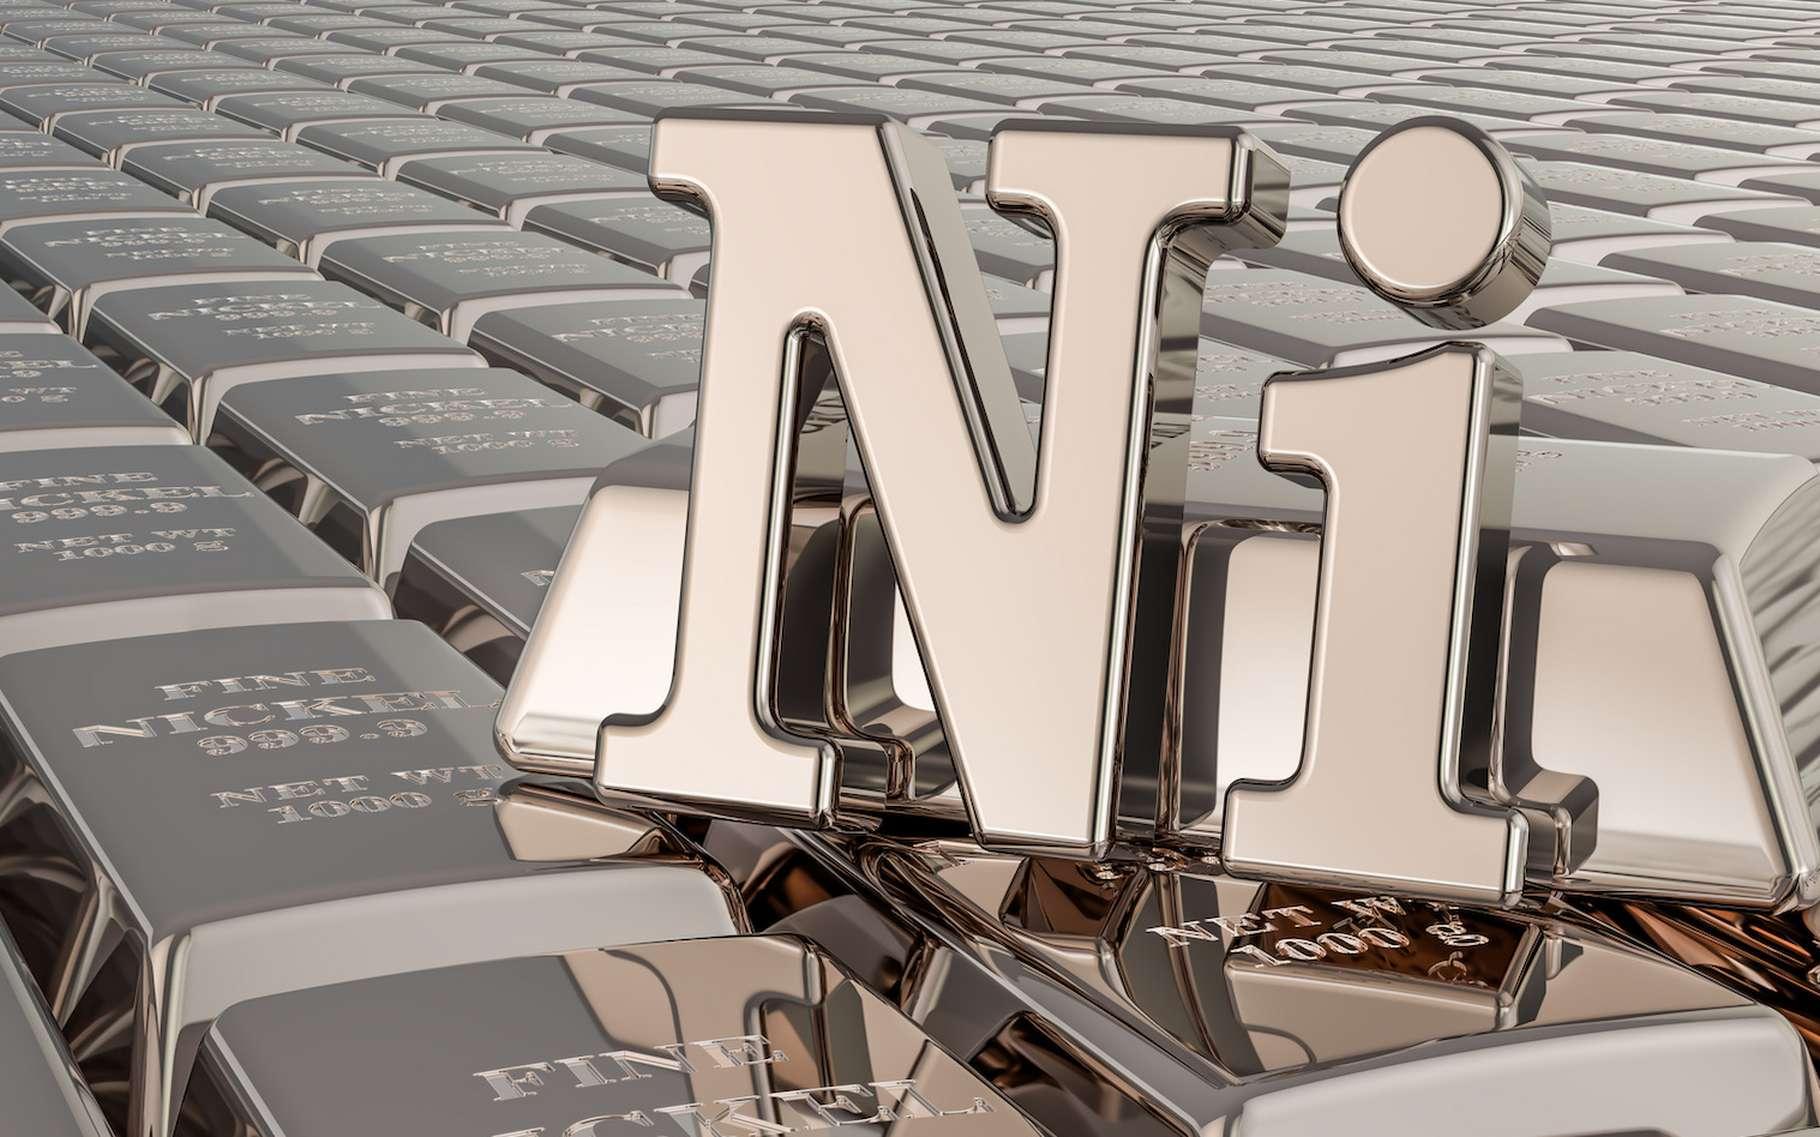 Des chercheurs du Laboratoire national de l'accélérateur SLAC (États-Unis) ont fabriqué un matériau supraconducteur à base de nickel. Un nickelate dont la structure est semblable à celle des cuprates. Mais surprise, ce dernier ne présente pas de propriétés magnétiques. © alexlmx, Fotolia